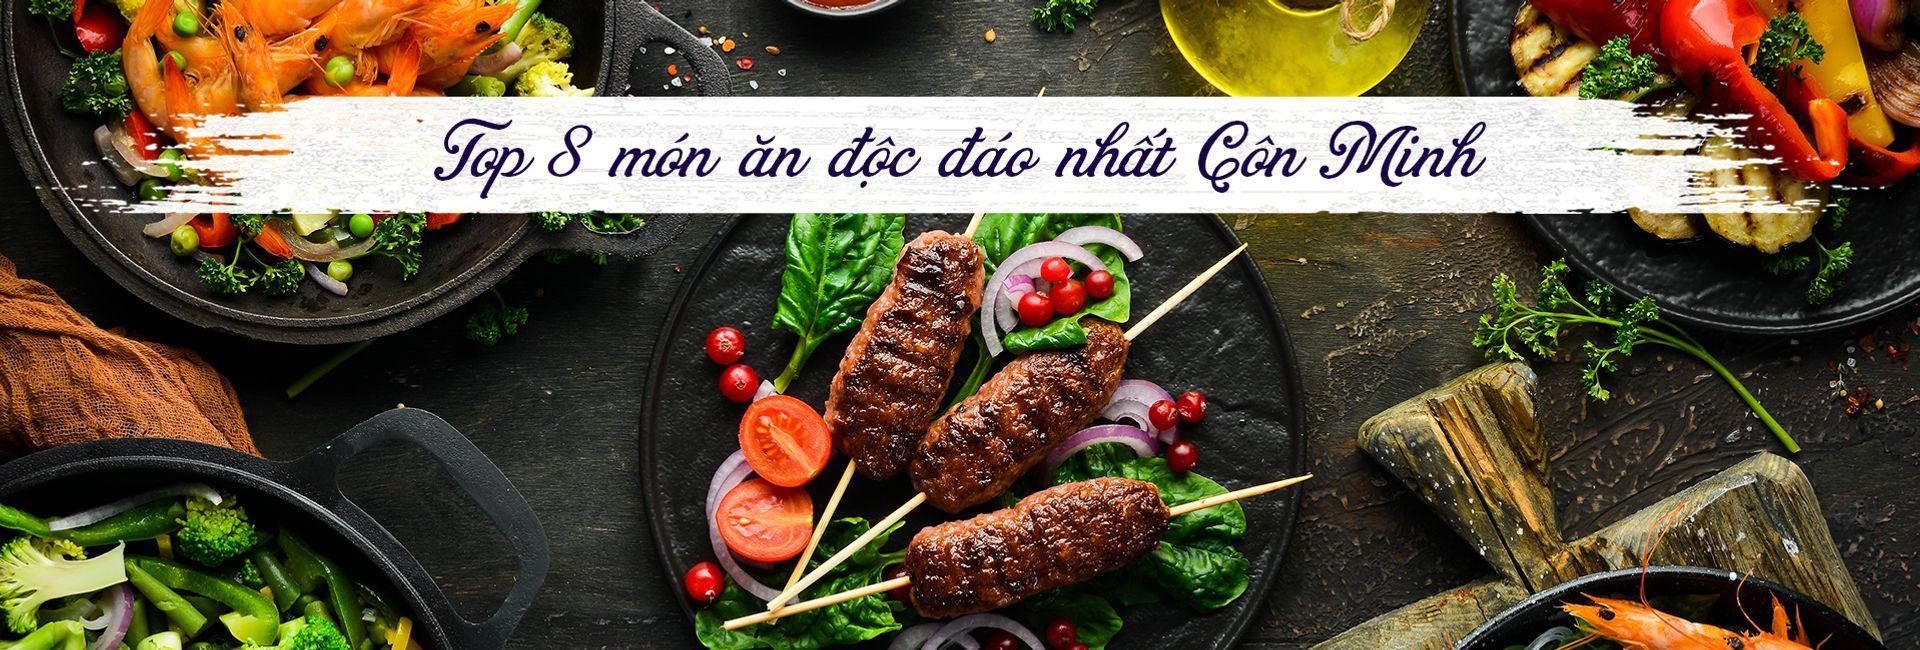 Top 8 món ăn độc đáo nhất ở Côn Minh, Trung Quốc